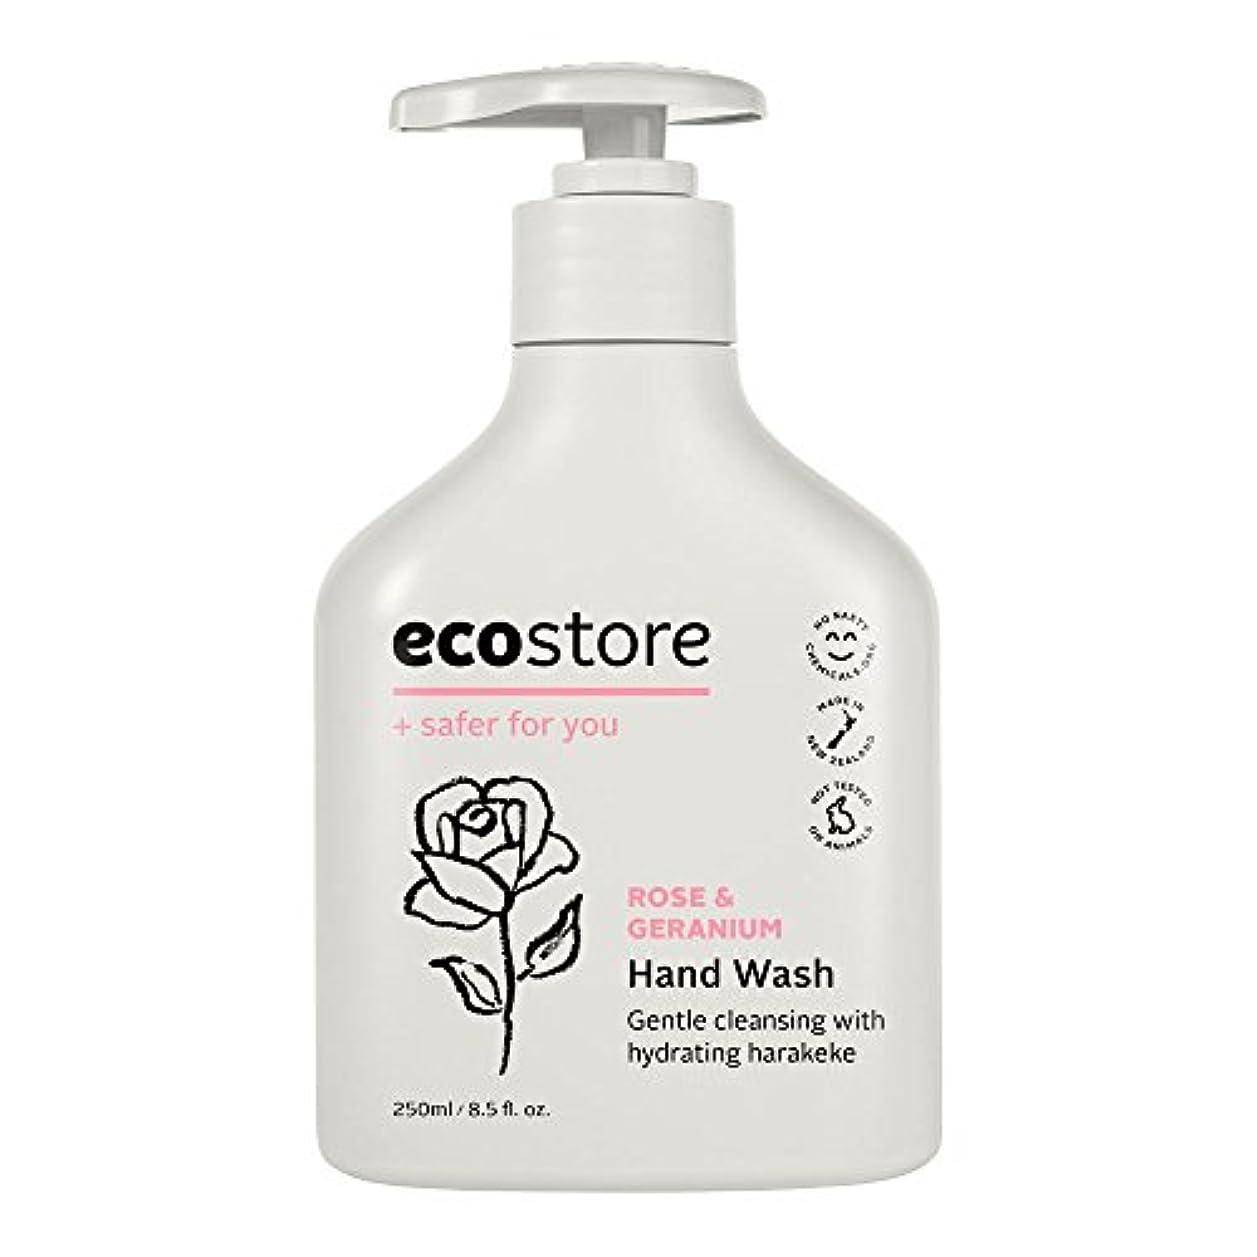 熱心なおめでとう回答ecostore(エコストア) ハンドウォッシュ 【ローズ&ゼラニウム】 250ml 液体タイプ